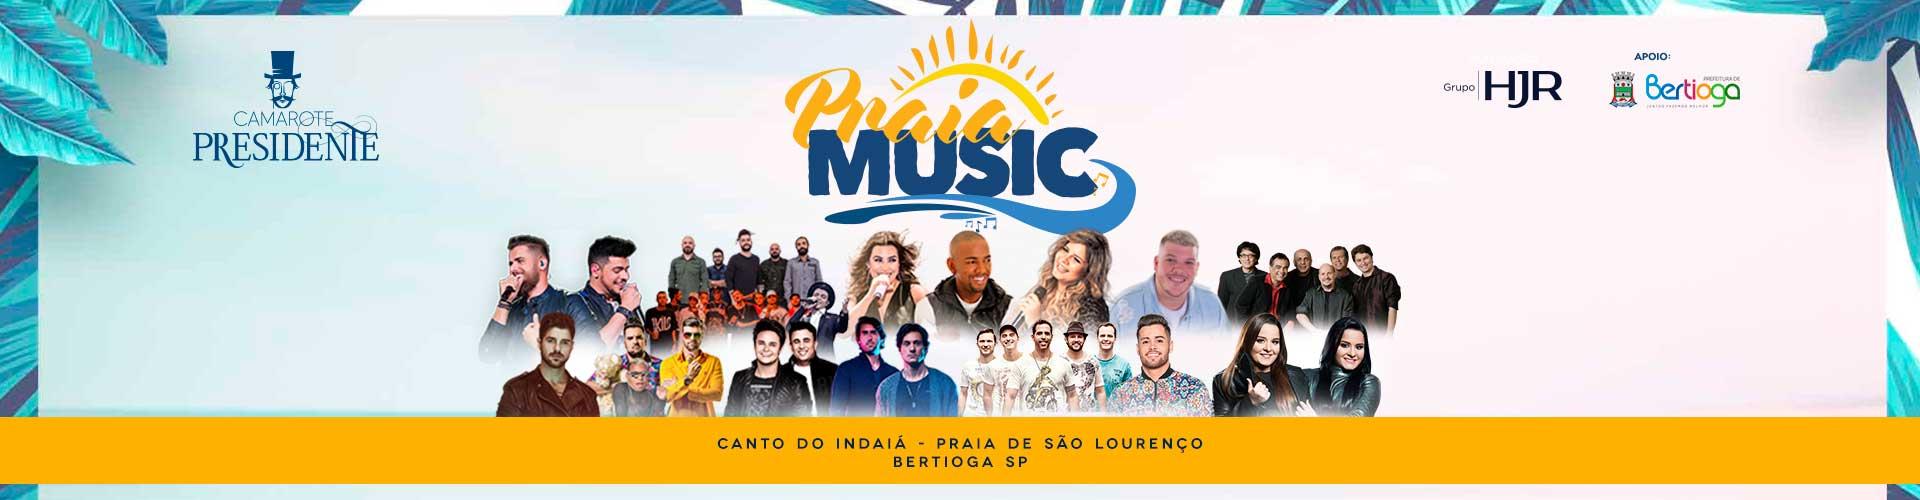 Praia Music Bertioga - 27/12/2018